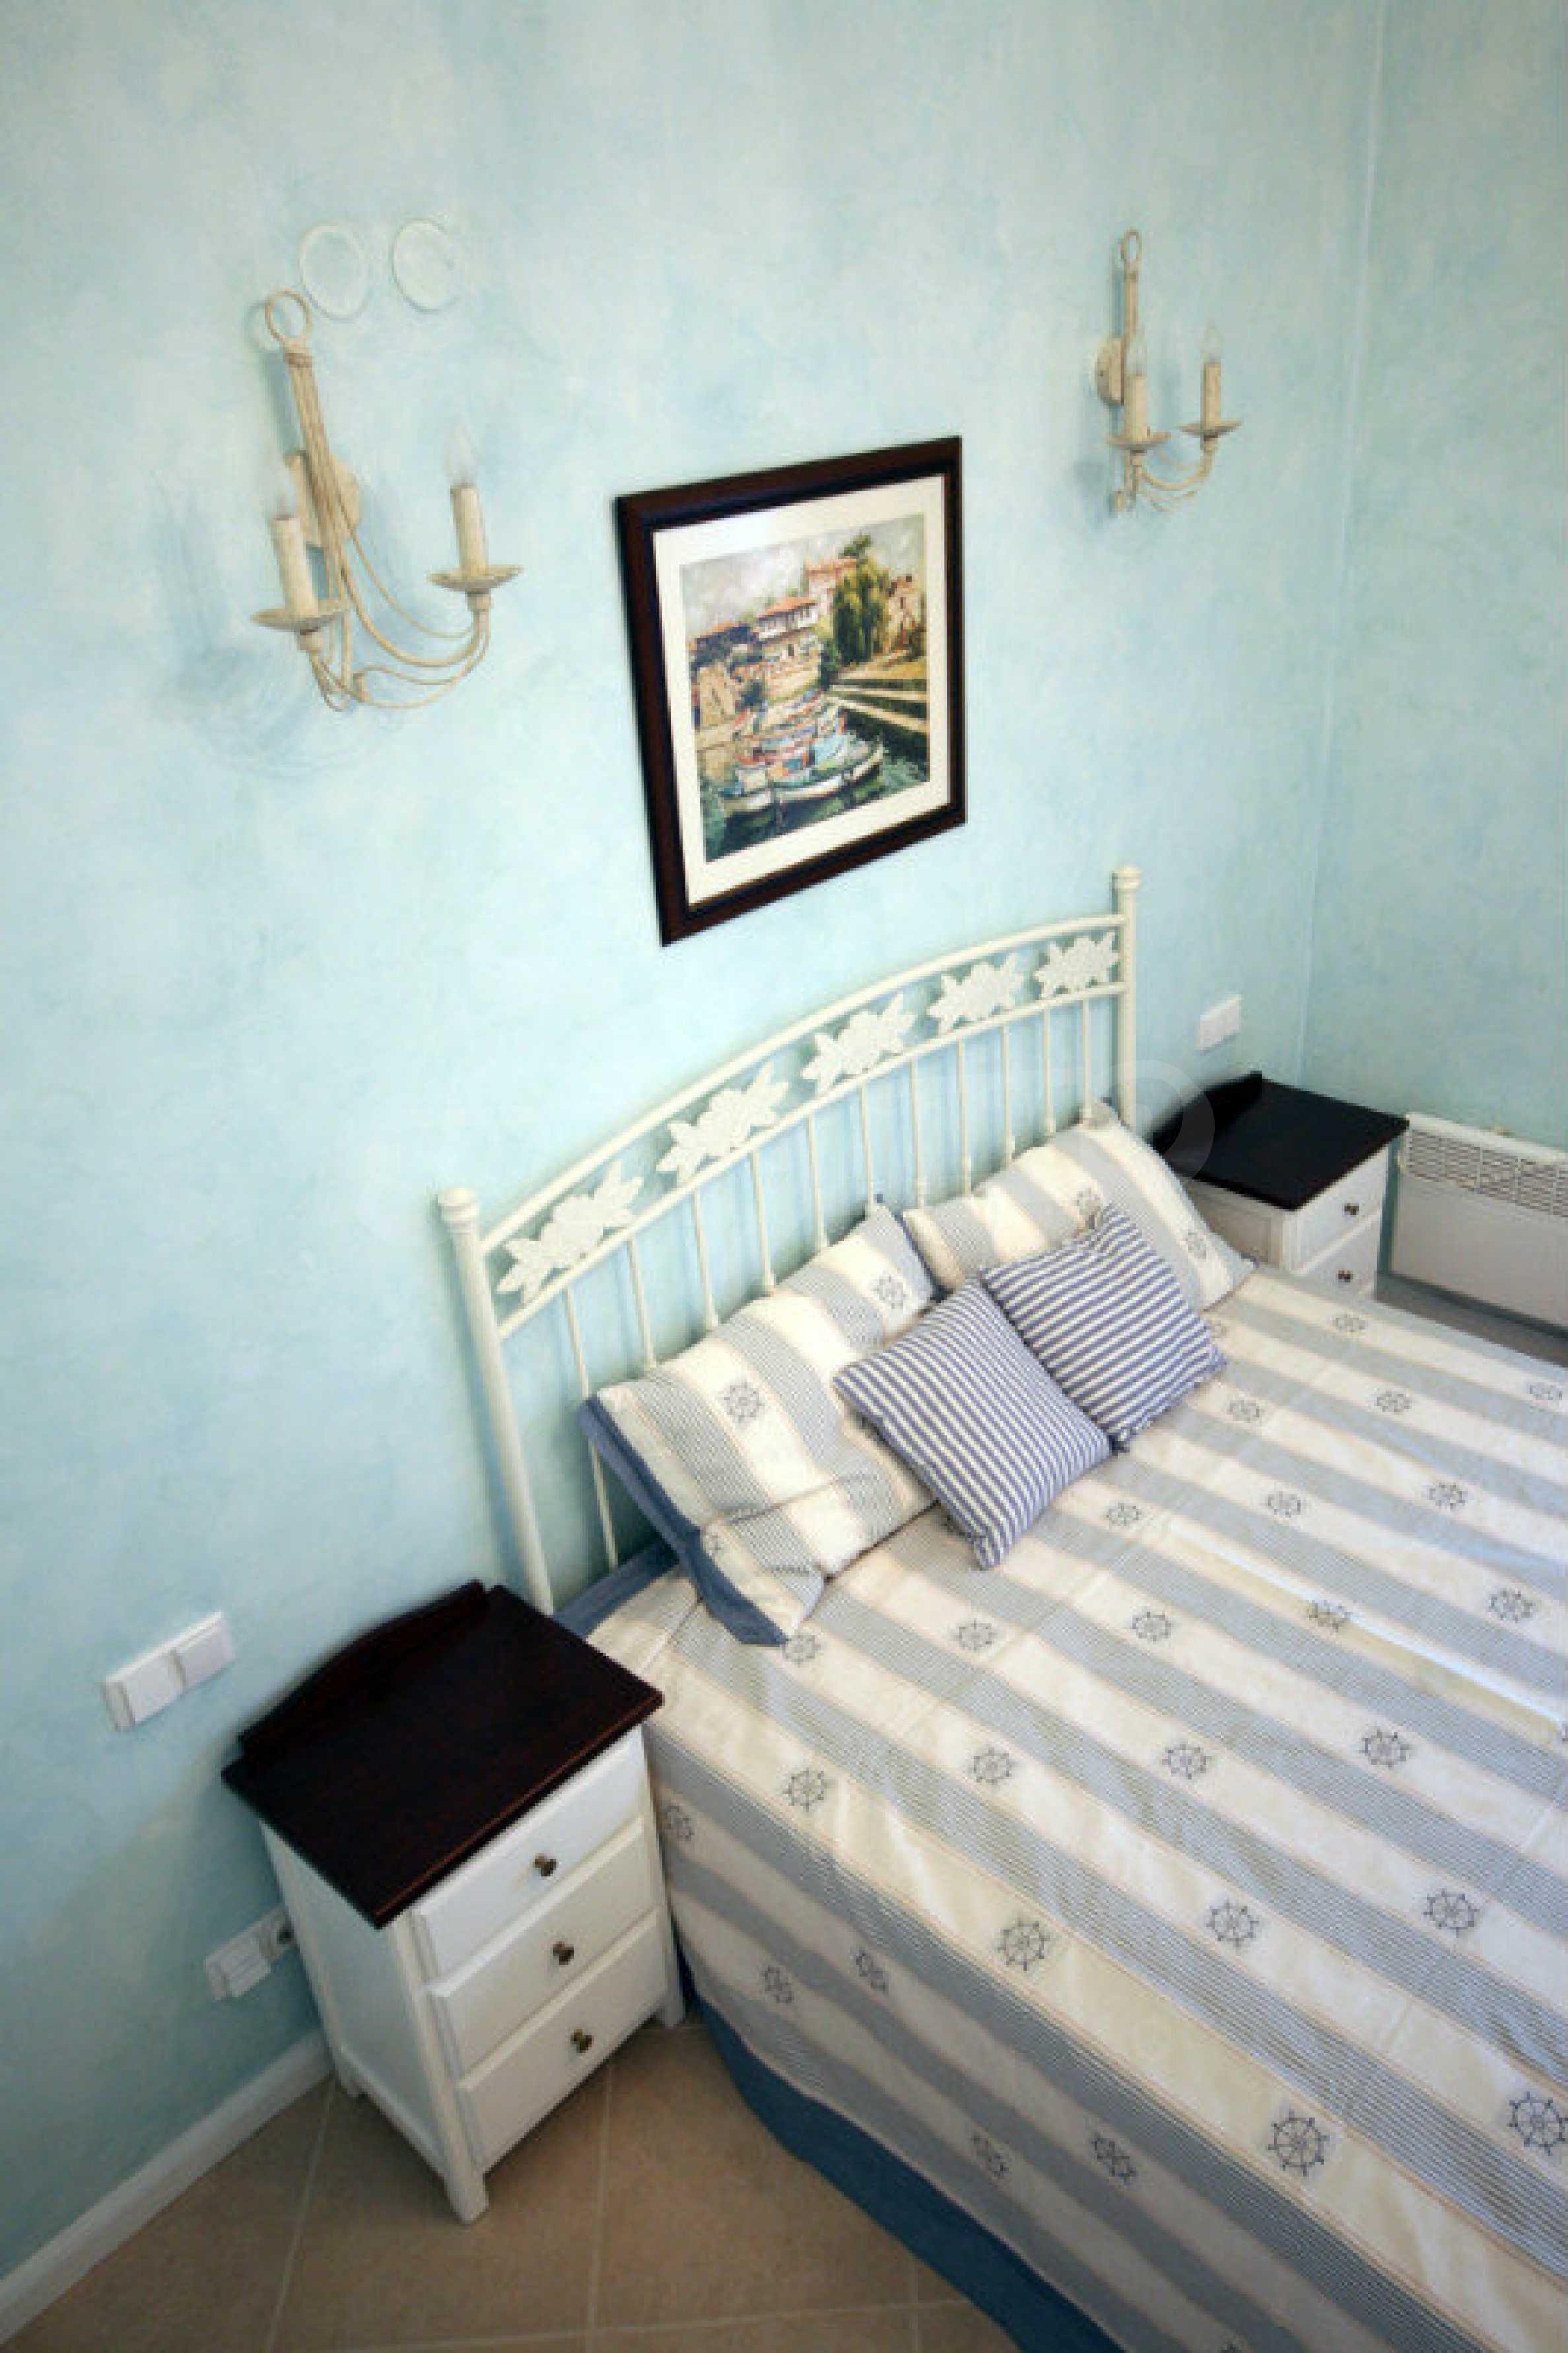 Apartment mit zwei Schlafzimmern und stilvollen Möbeln in einem Komplex in erster Linie 9